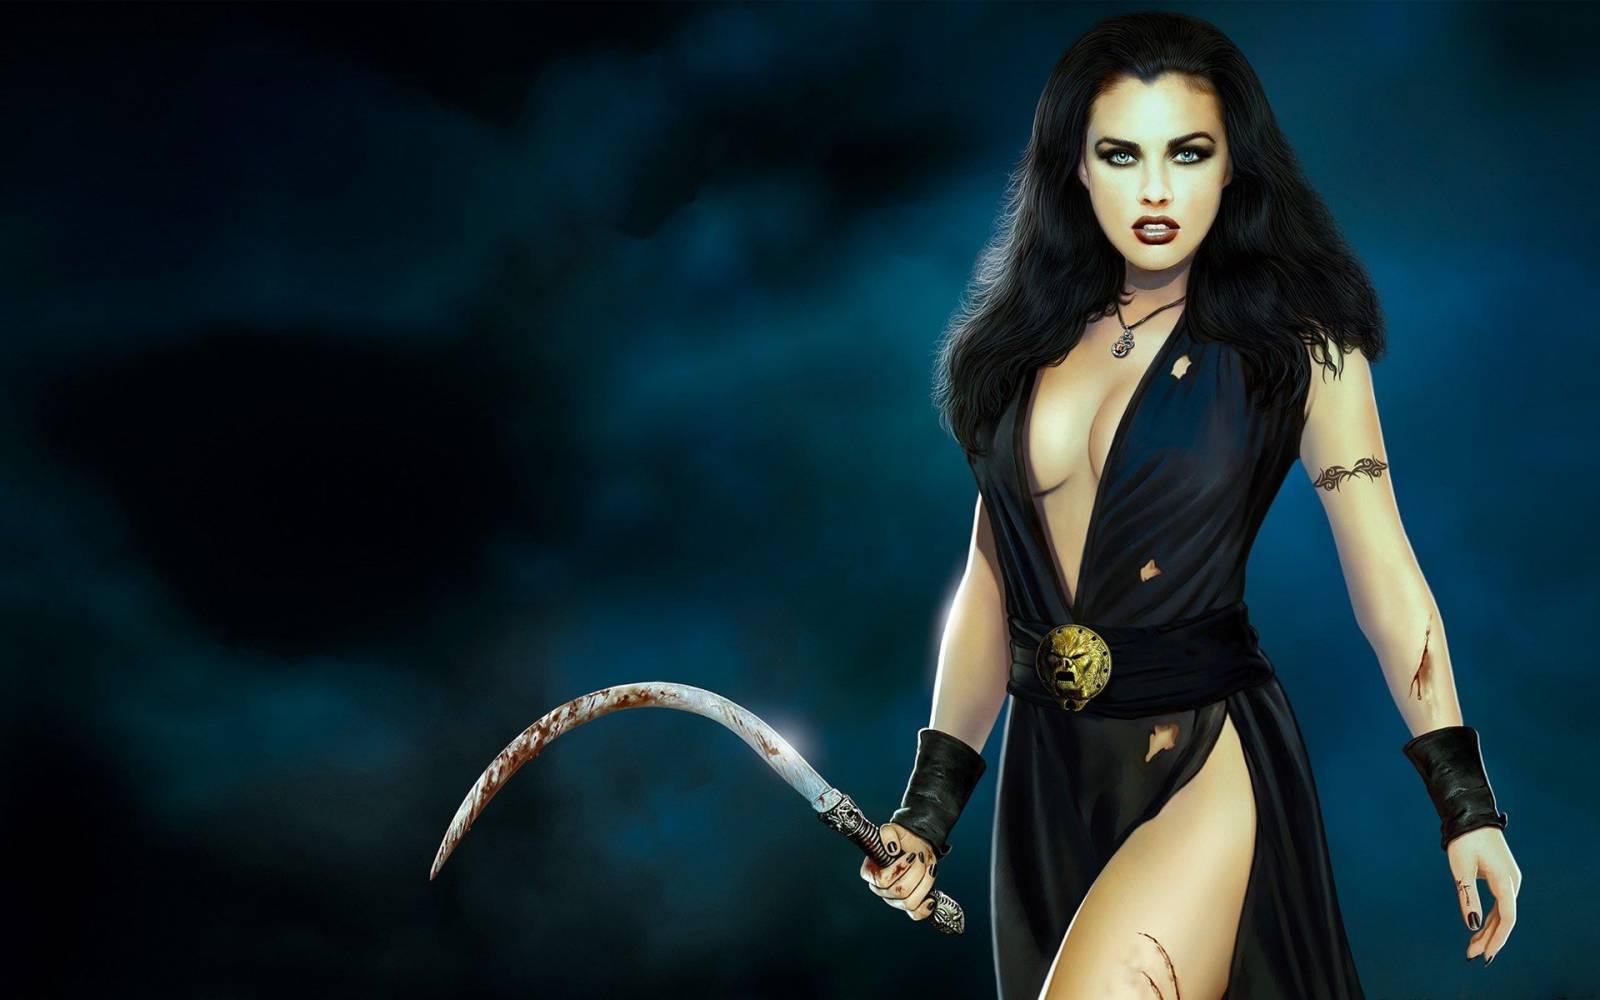 Сексуальные девушка с мечом 22 фотография